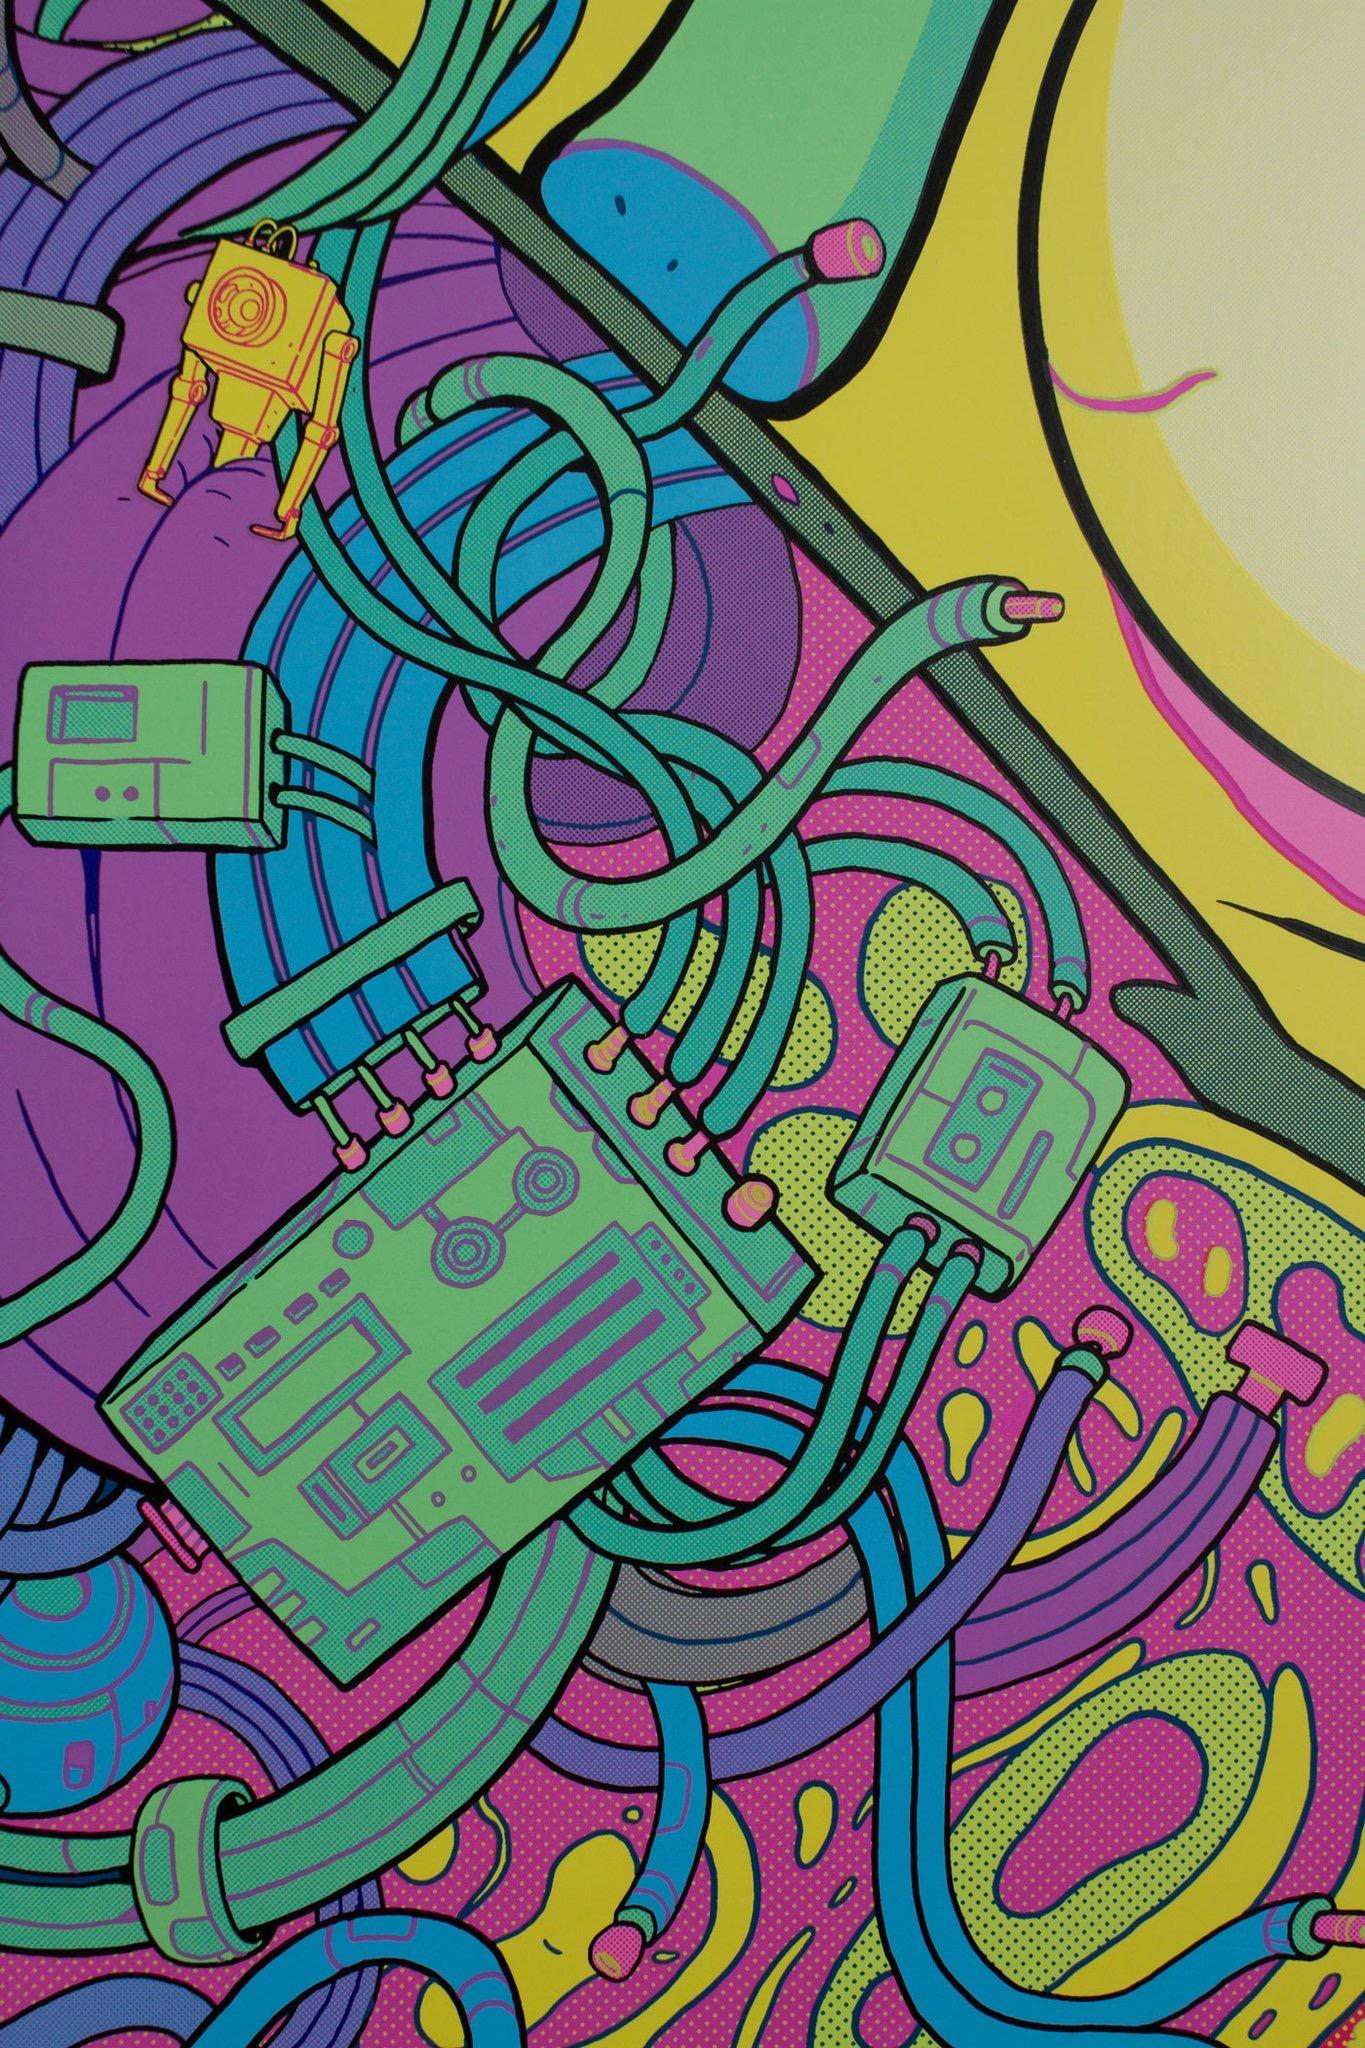 Rick and Morty: Season 1 - Neon Variant (Detail Shot)